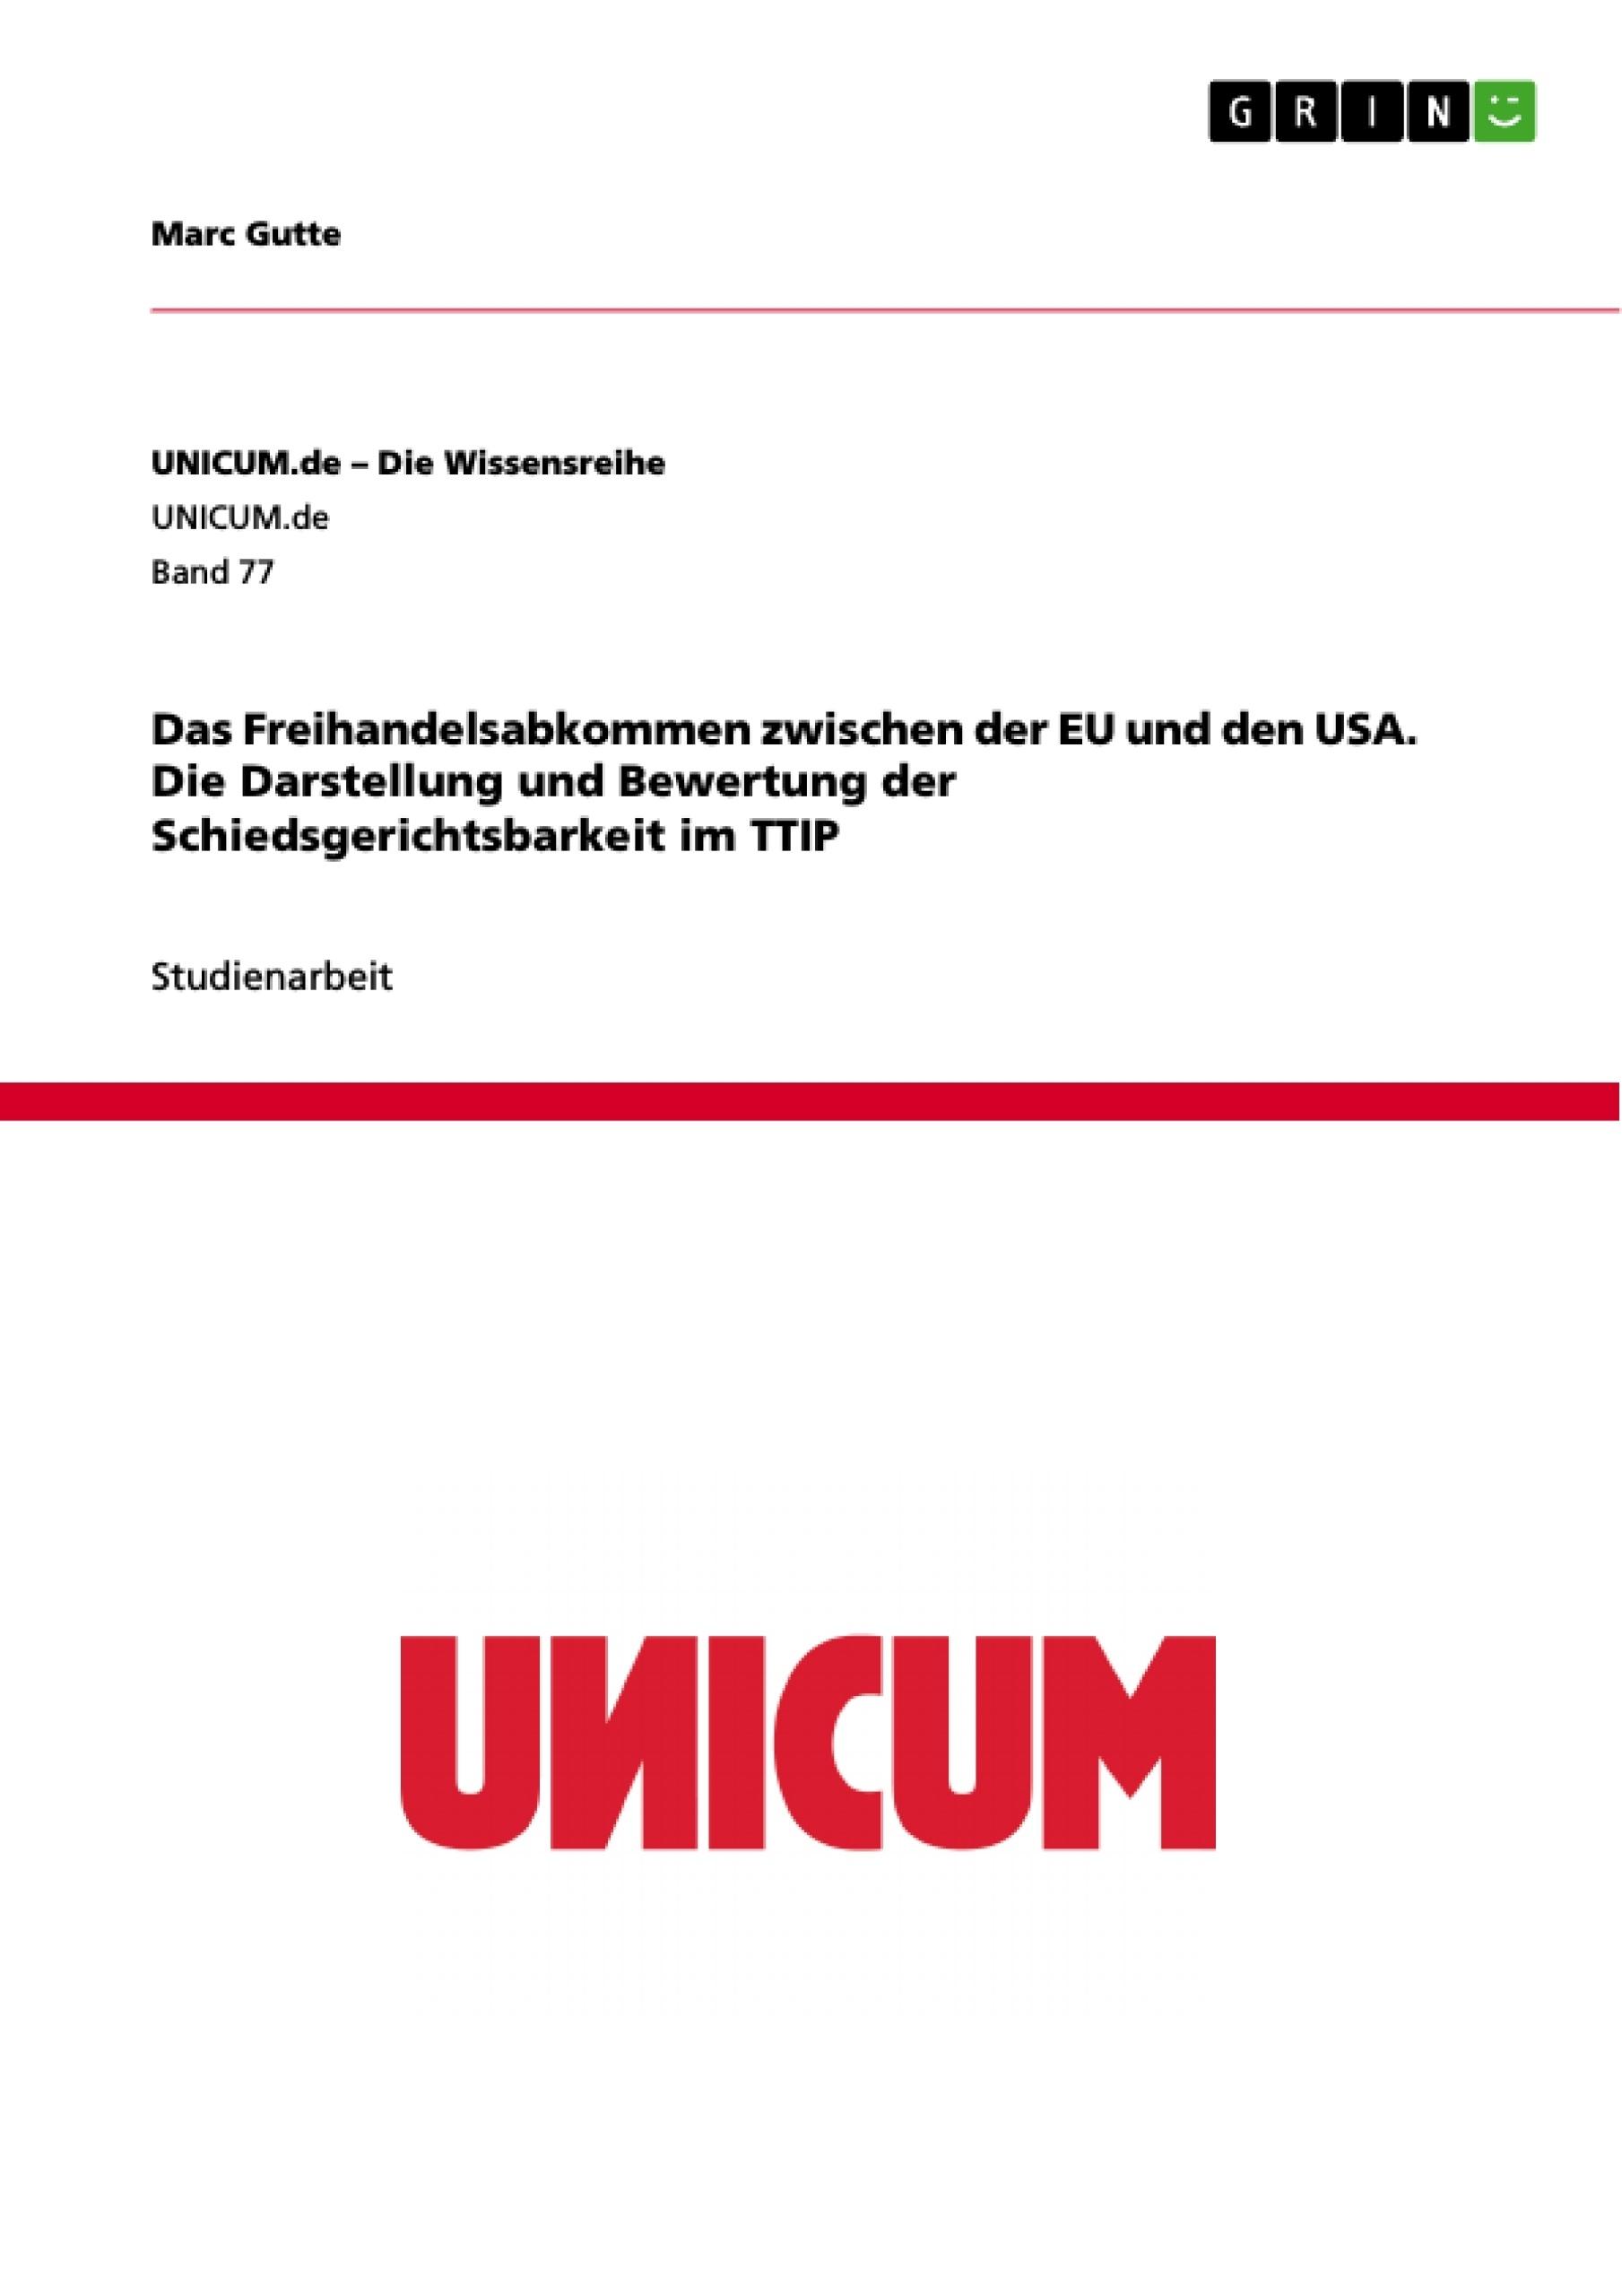 Titel: Das Freihandelsabkommen zwischen der EU und den USA. Die Darstellung und Bewertung der Schiedsgerichtsbarkeit im TTIP